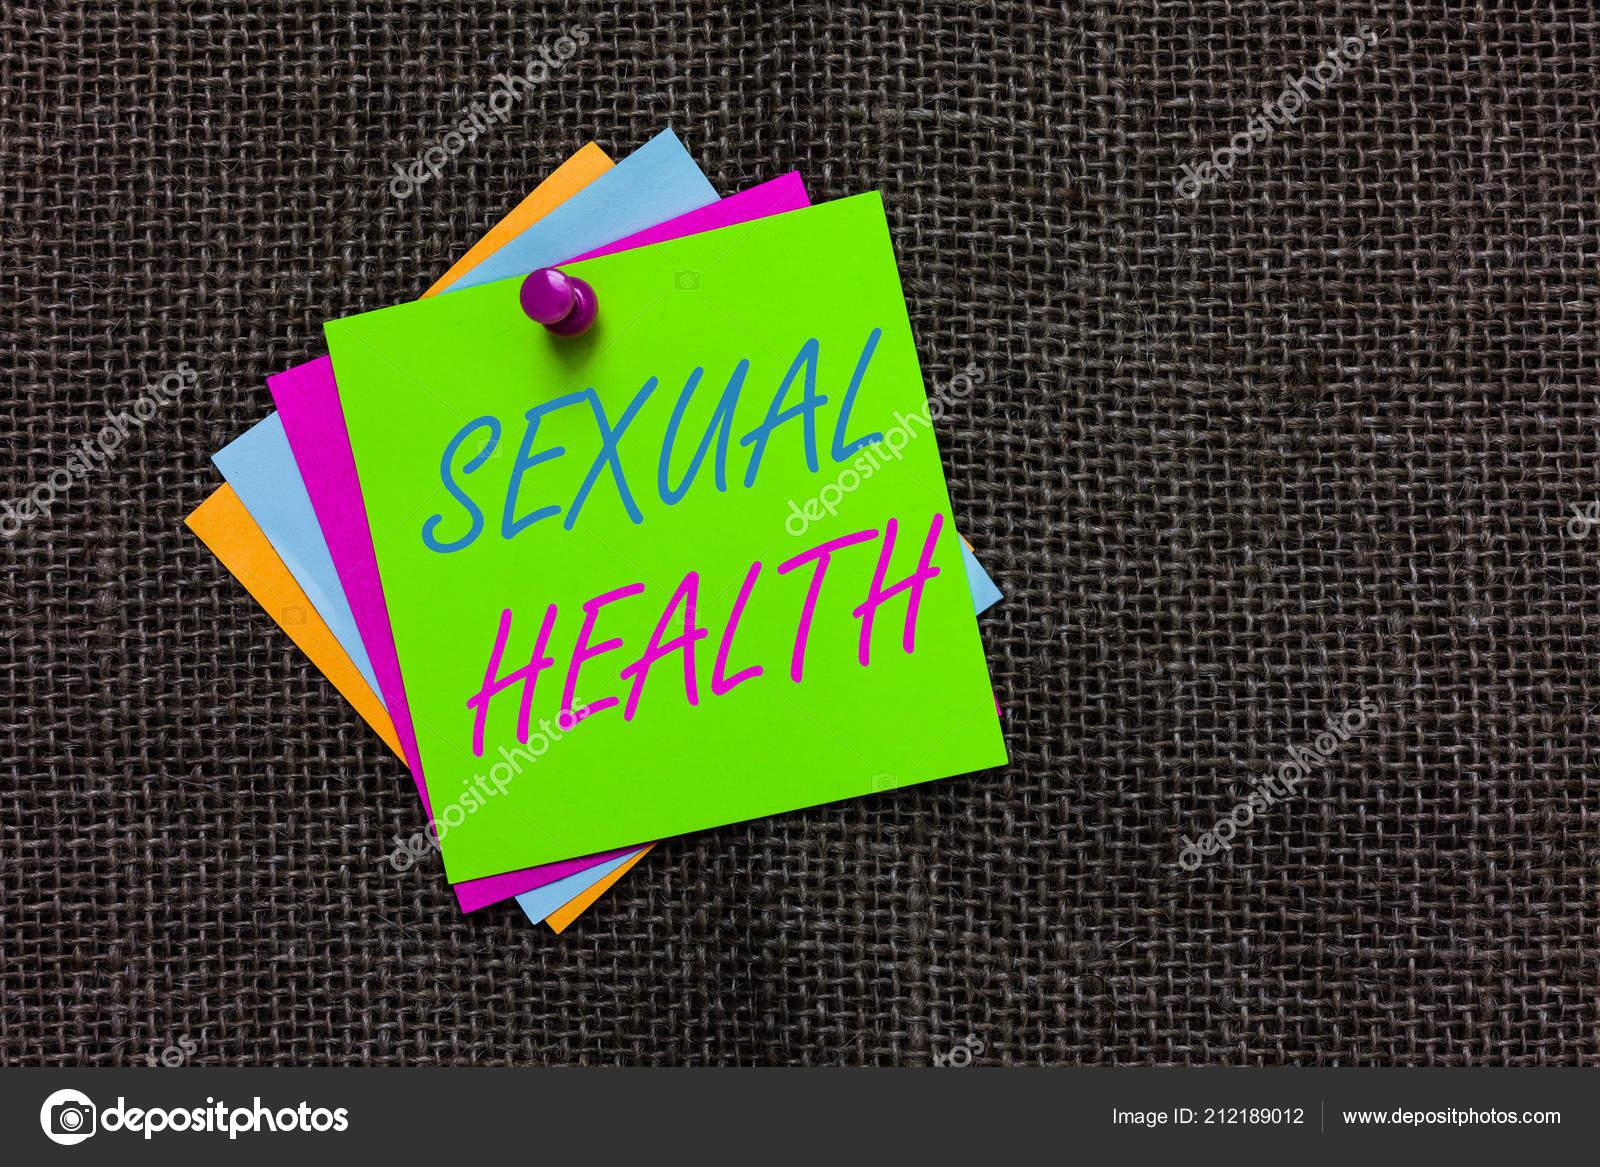 σεξ δωρεάν μηνύματα